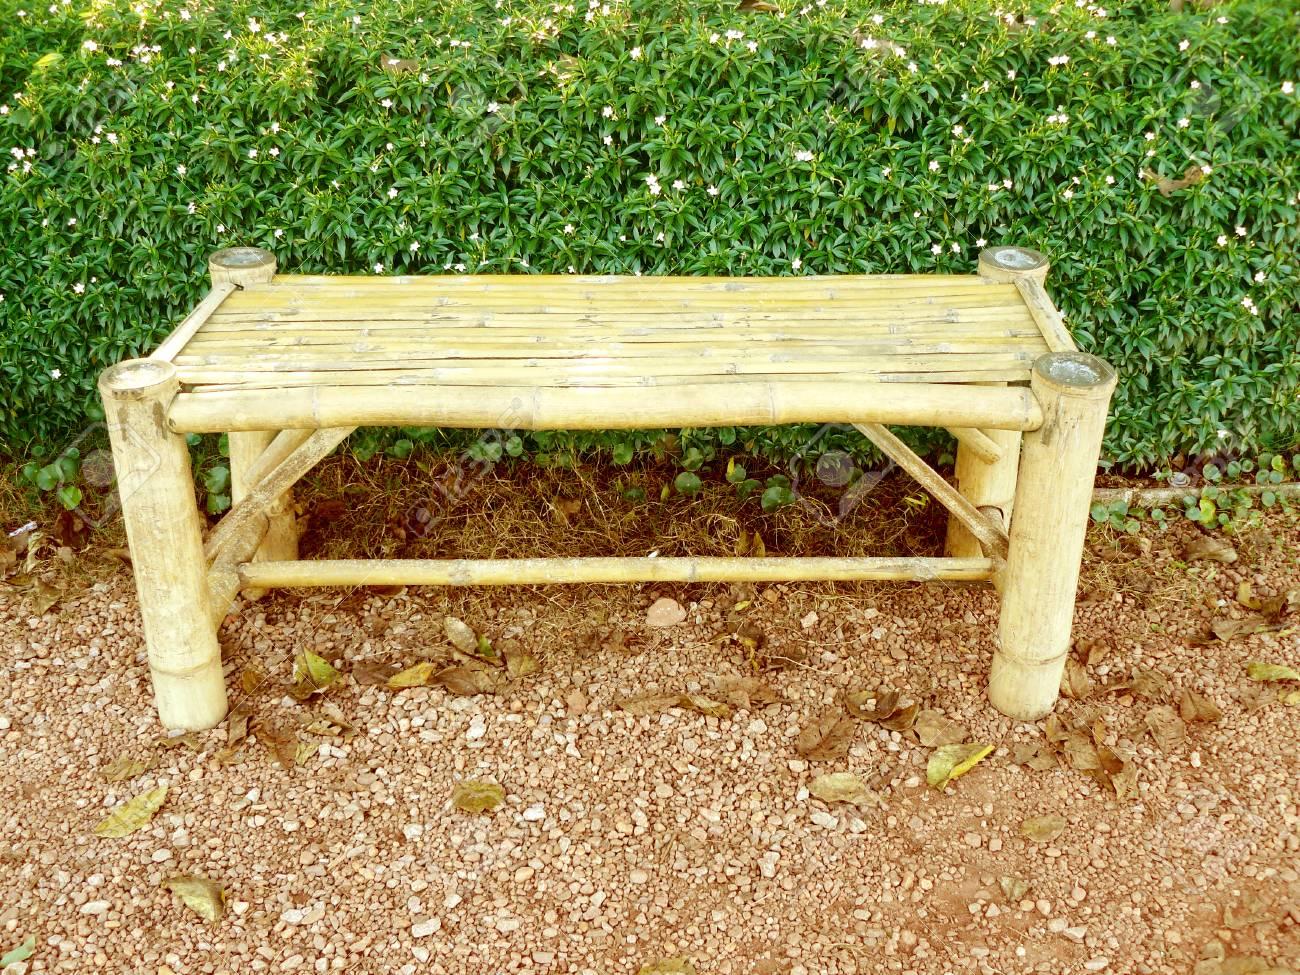 Un Vieux Banc De Bambou Patiné Dans Le Jardin Avec Une Haie En Toile ...